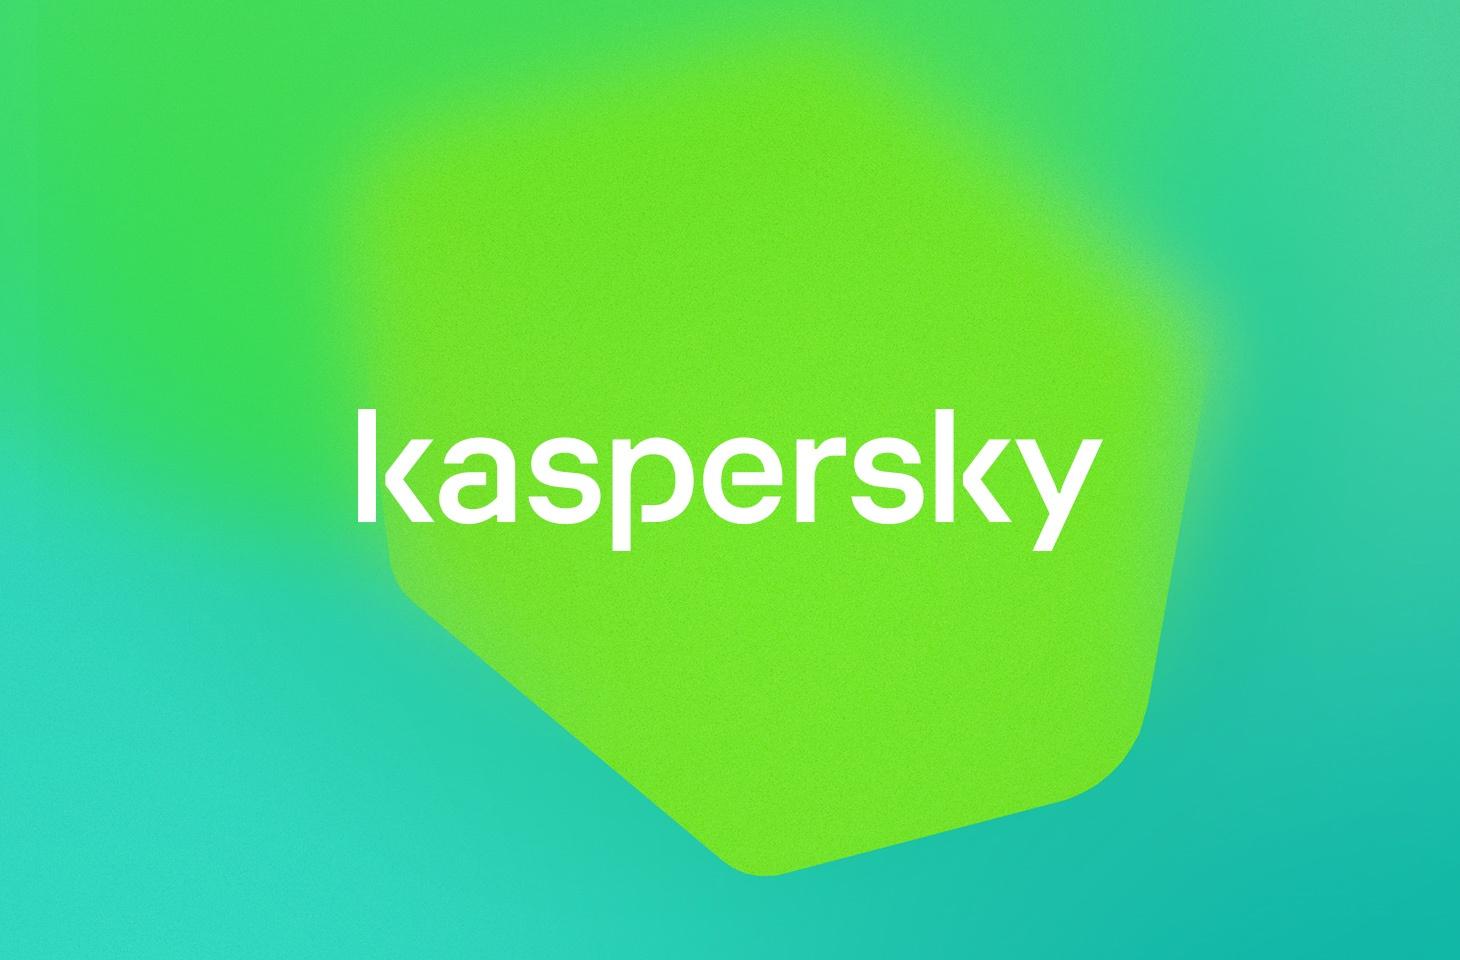 kaspersky NEXT 2019